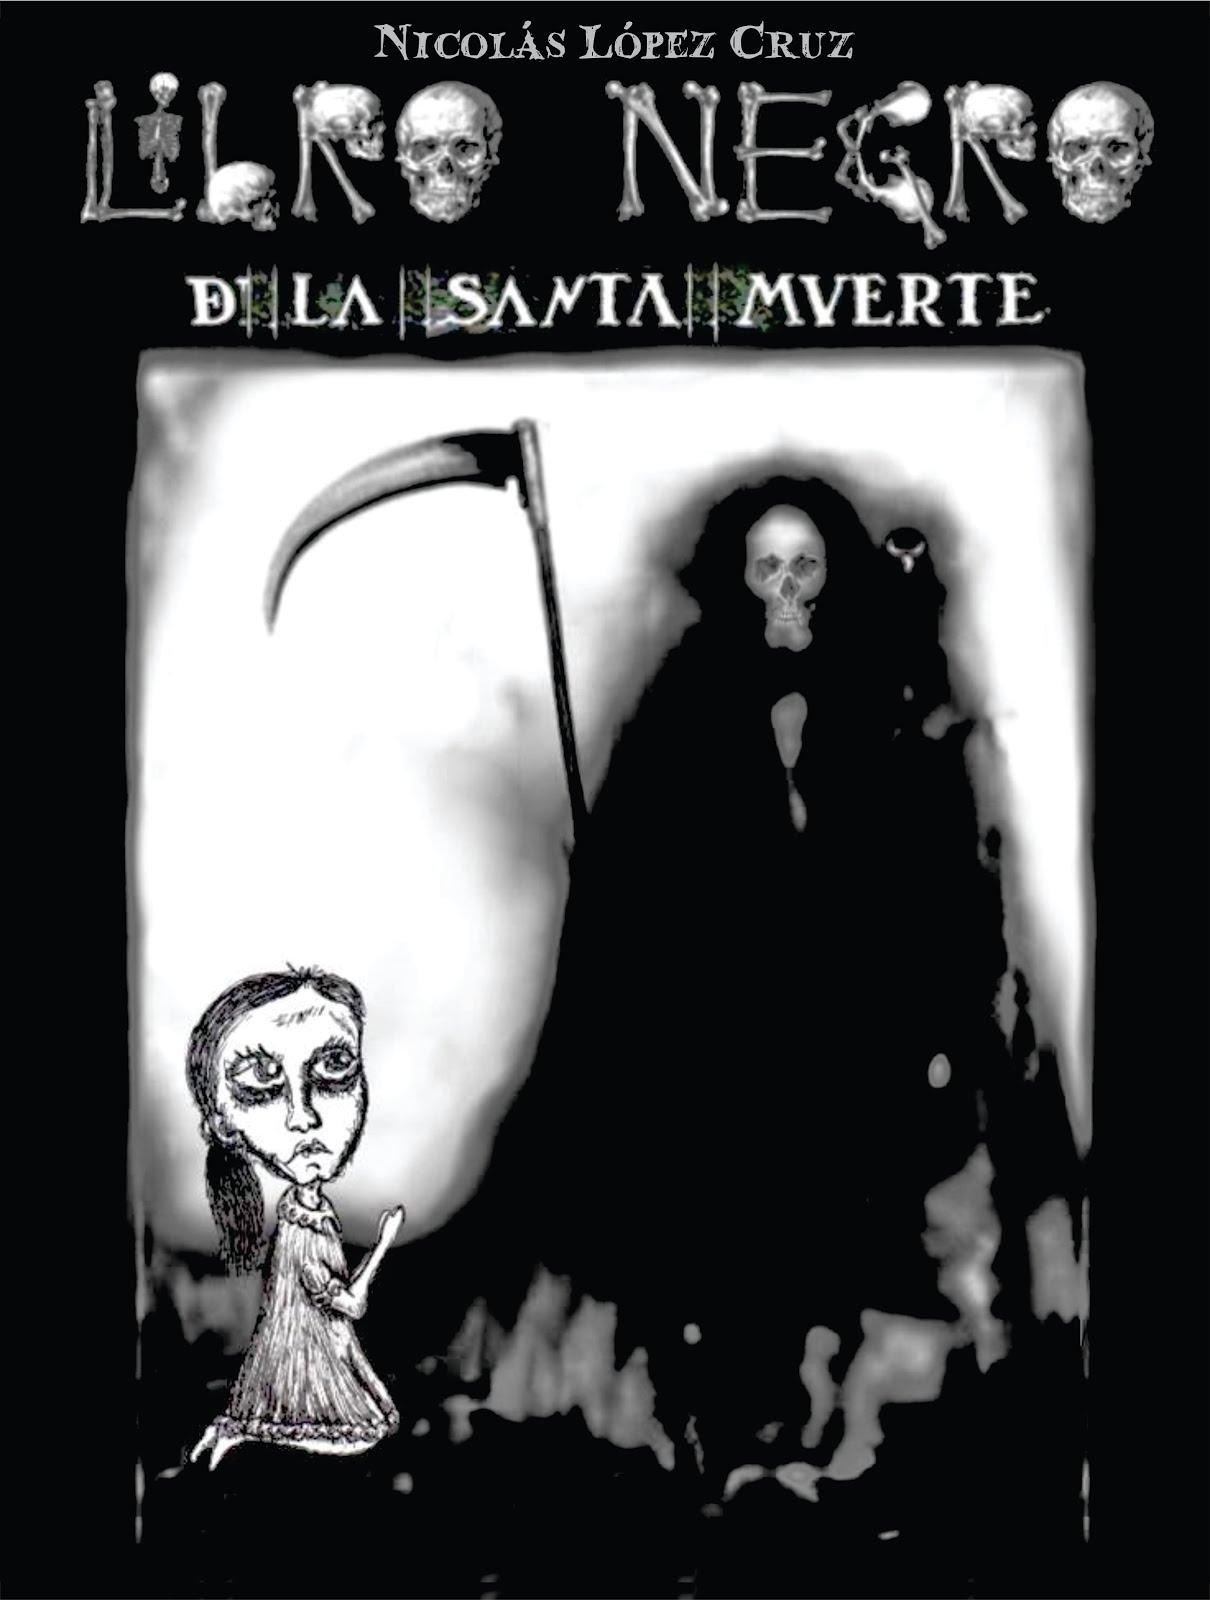 LIBRO NEGRO DE LA SANTA MUERTE. Poesía. Con ilustraciones del autor.